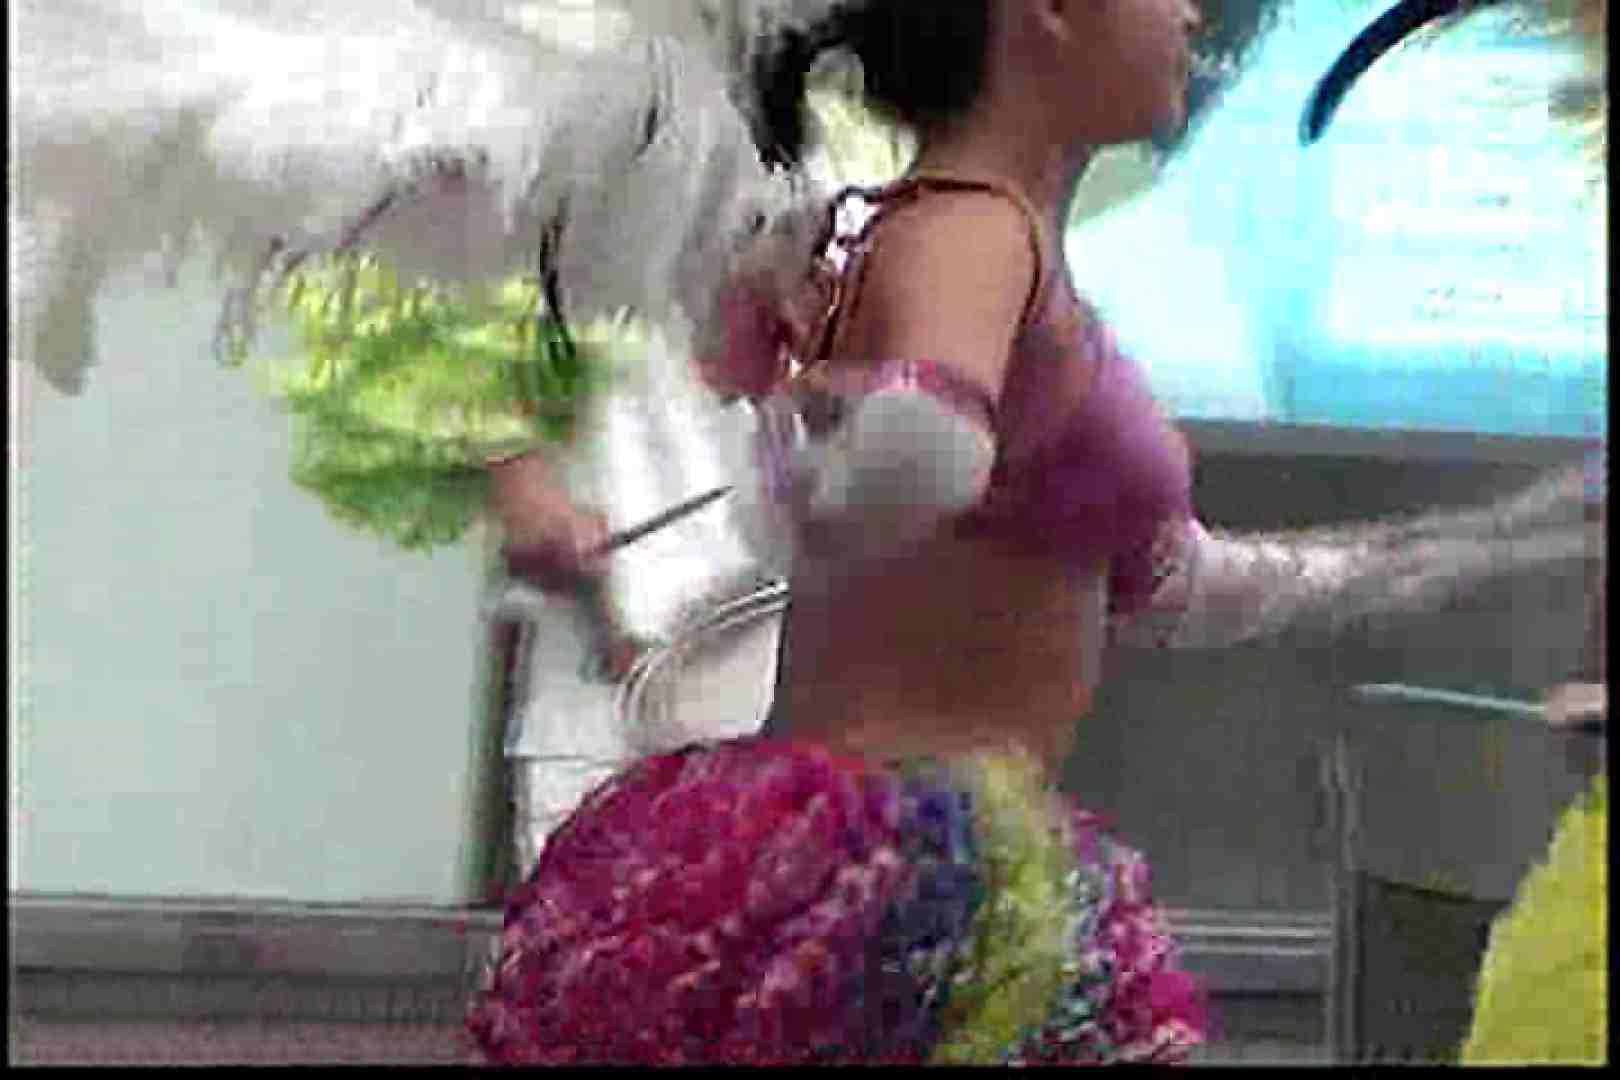 狂乱のサンバカーニバルVol.4 ギャルエロ画像 AV無料動画キャプチャ 113PICs 92